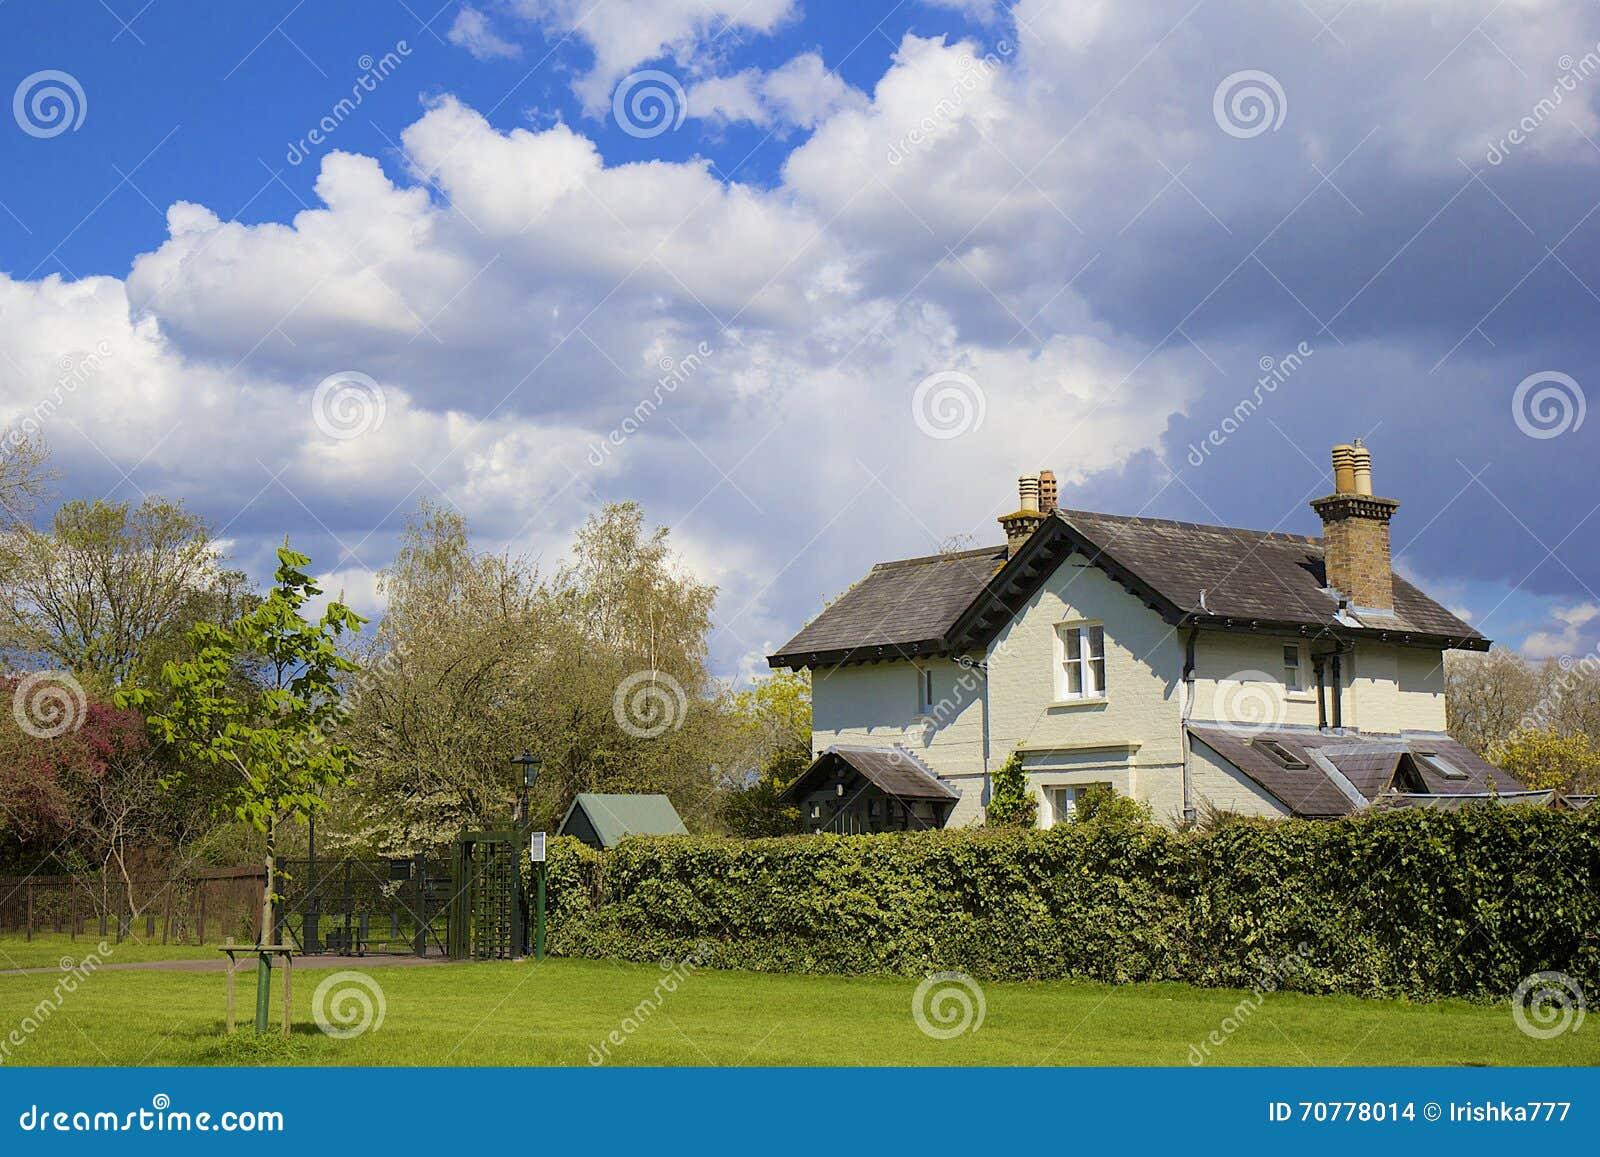 Casa di campagna inglese regno unito immagine stock for Design di casa di campagna inglese